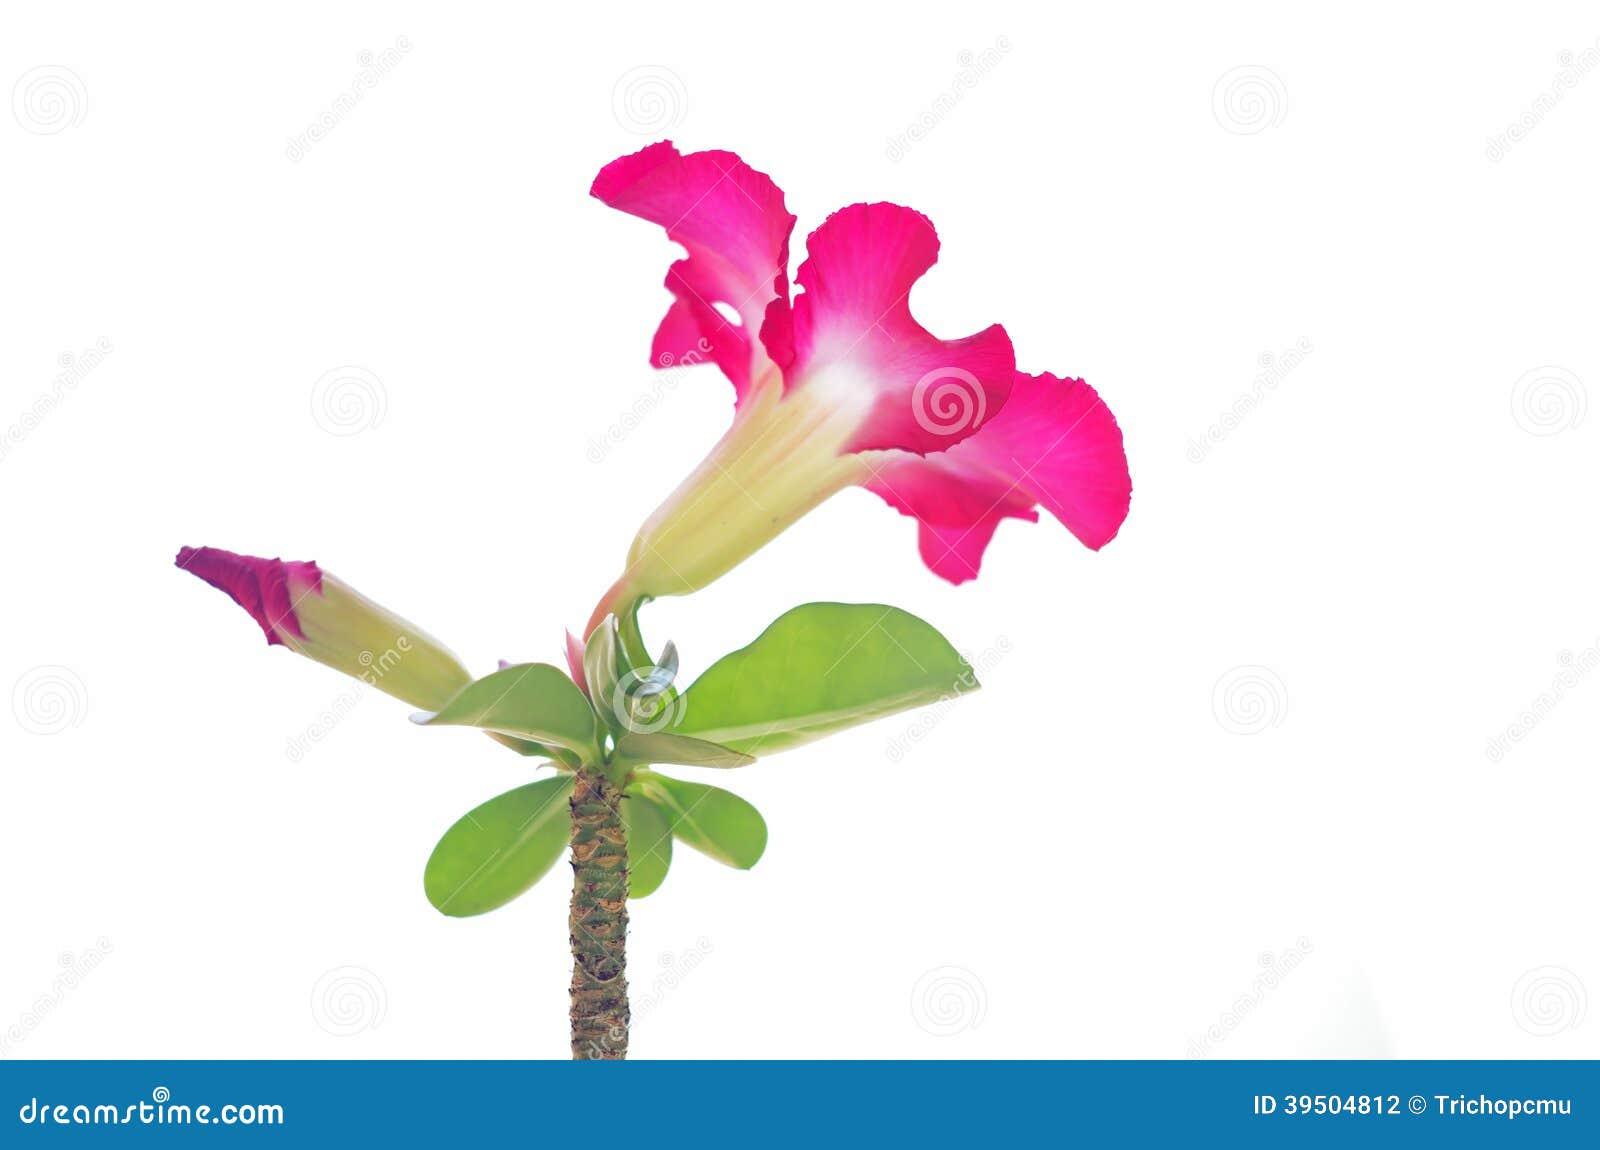 Desert rose isolation